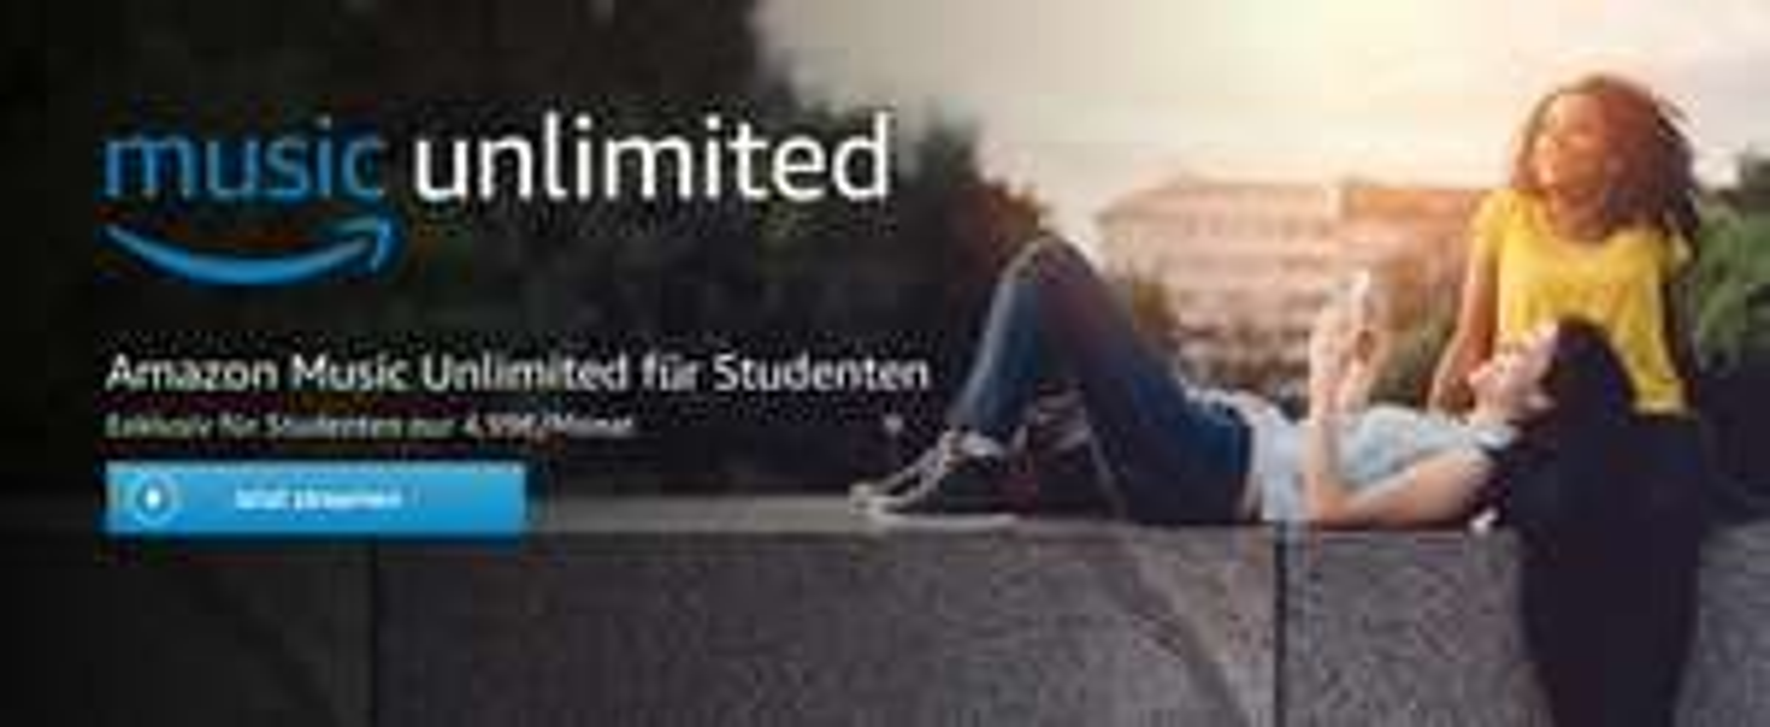 Amazon Music Unlimited für Studenten 6 Monate 6 Euro, danach 4,99 im Monat